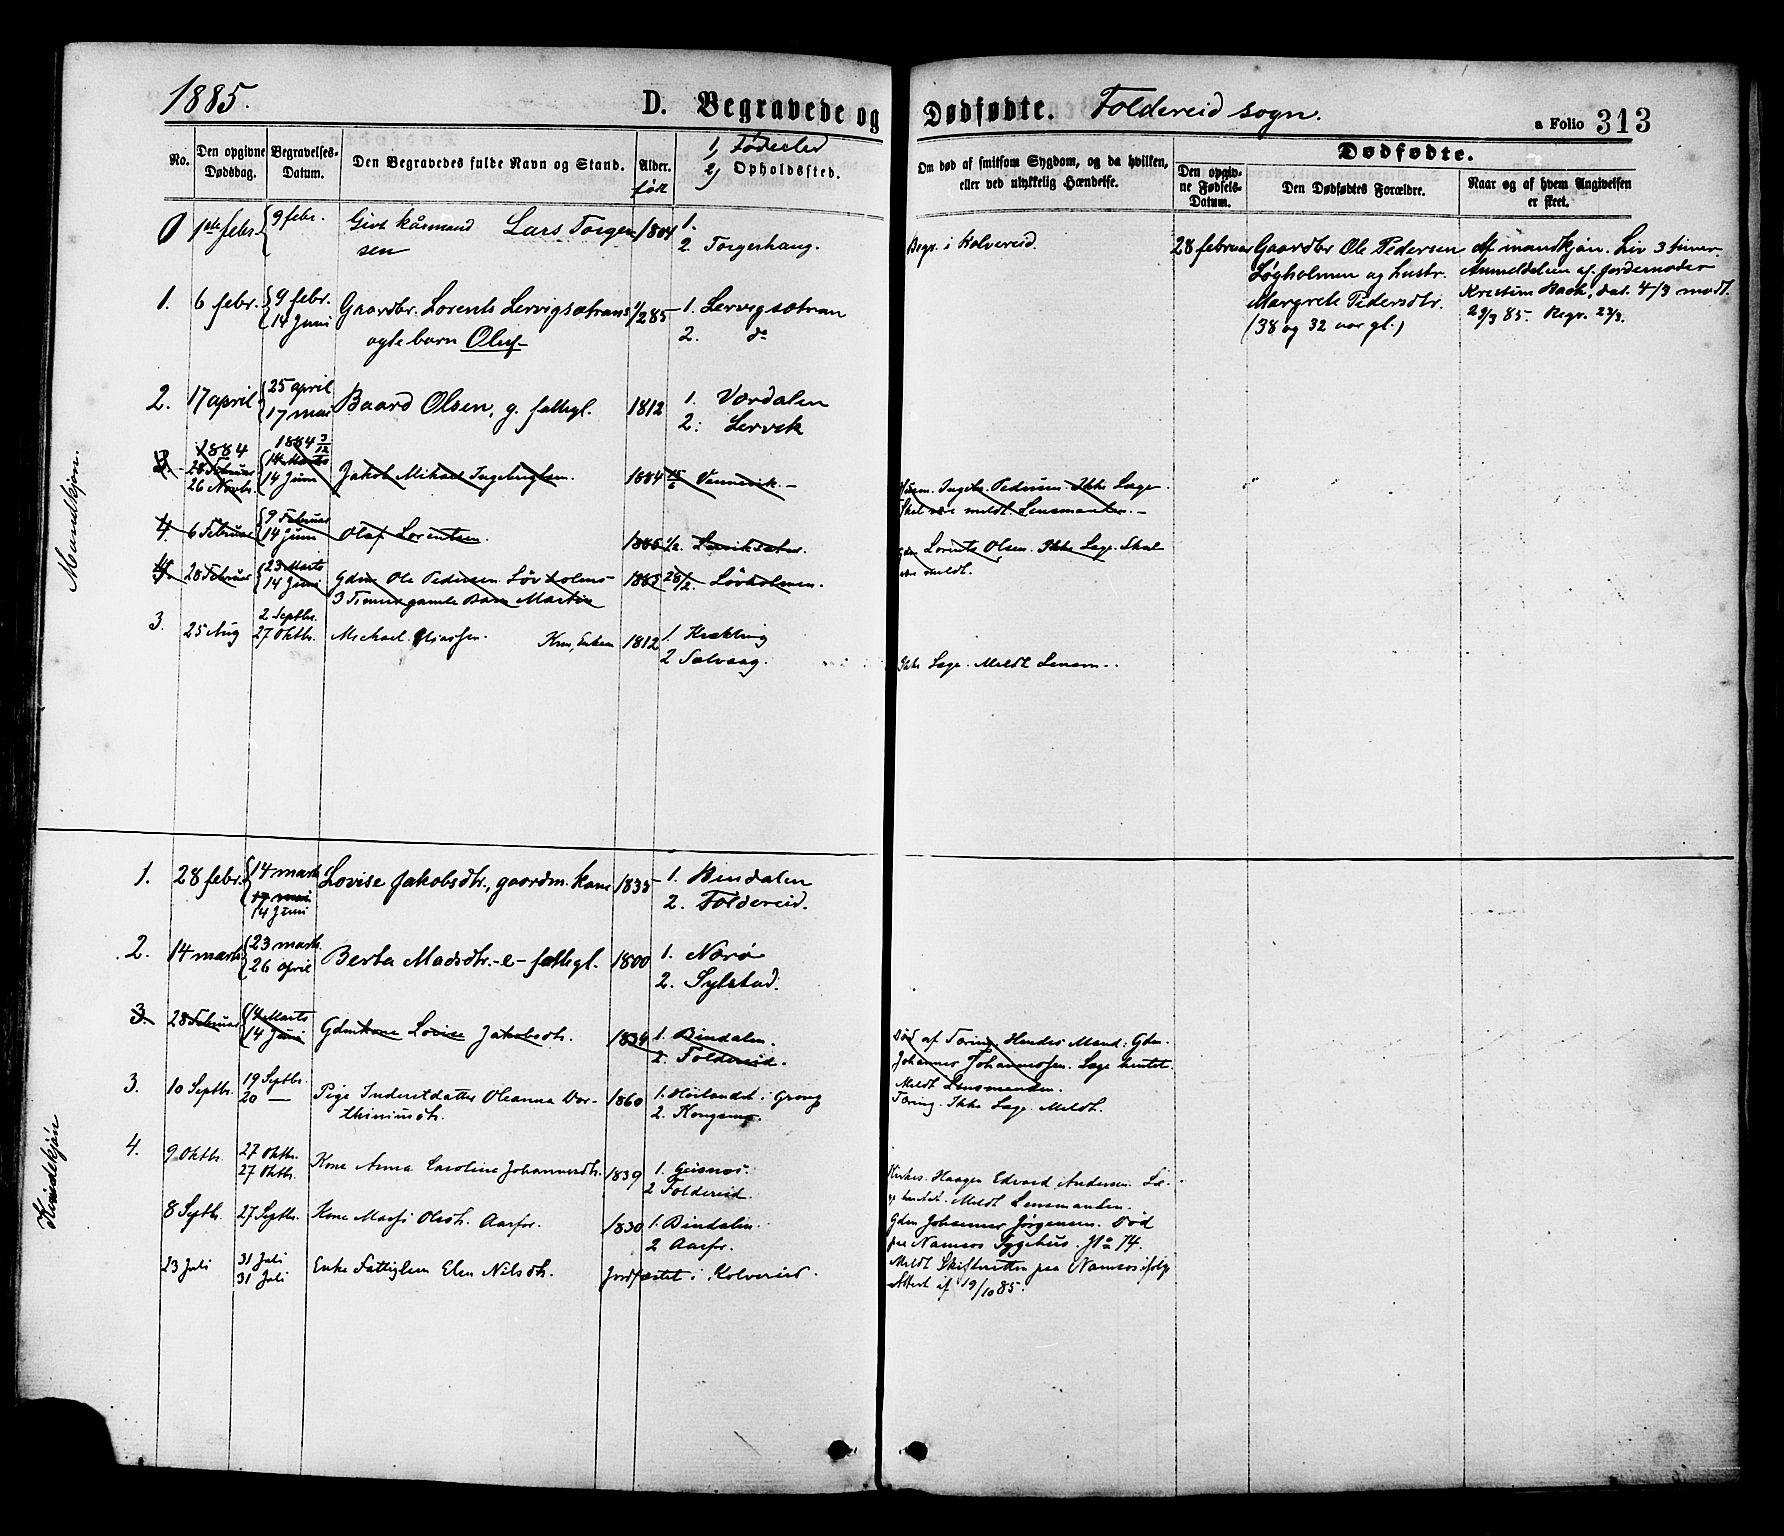 SAT, Ministerialprotokoller, klokkerbøker og fødselsregistre - Nord-Trøndelag, 780/L0642: Ministerialbok nr. 780A07 /2, 1878-1885, s. 313